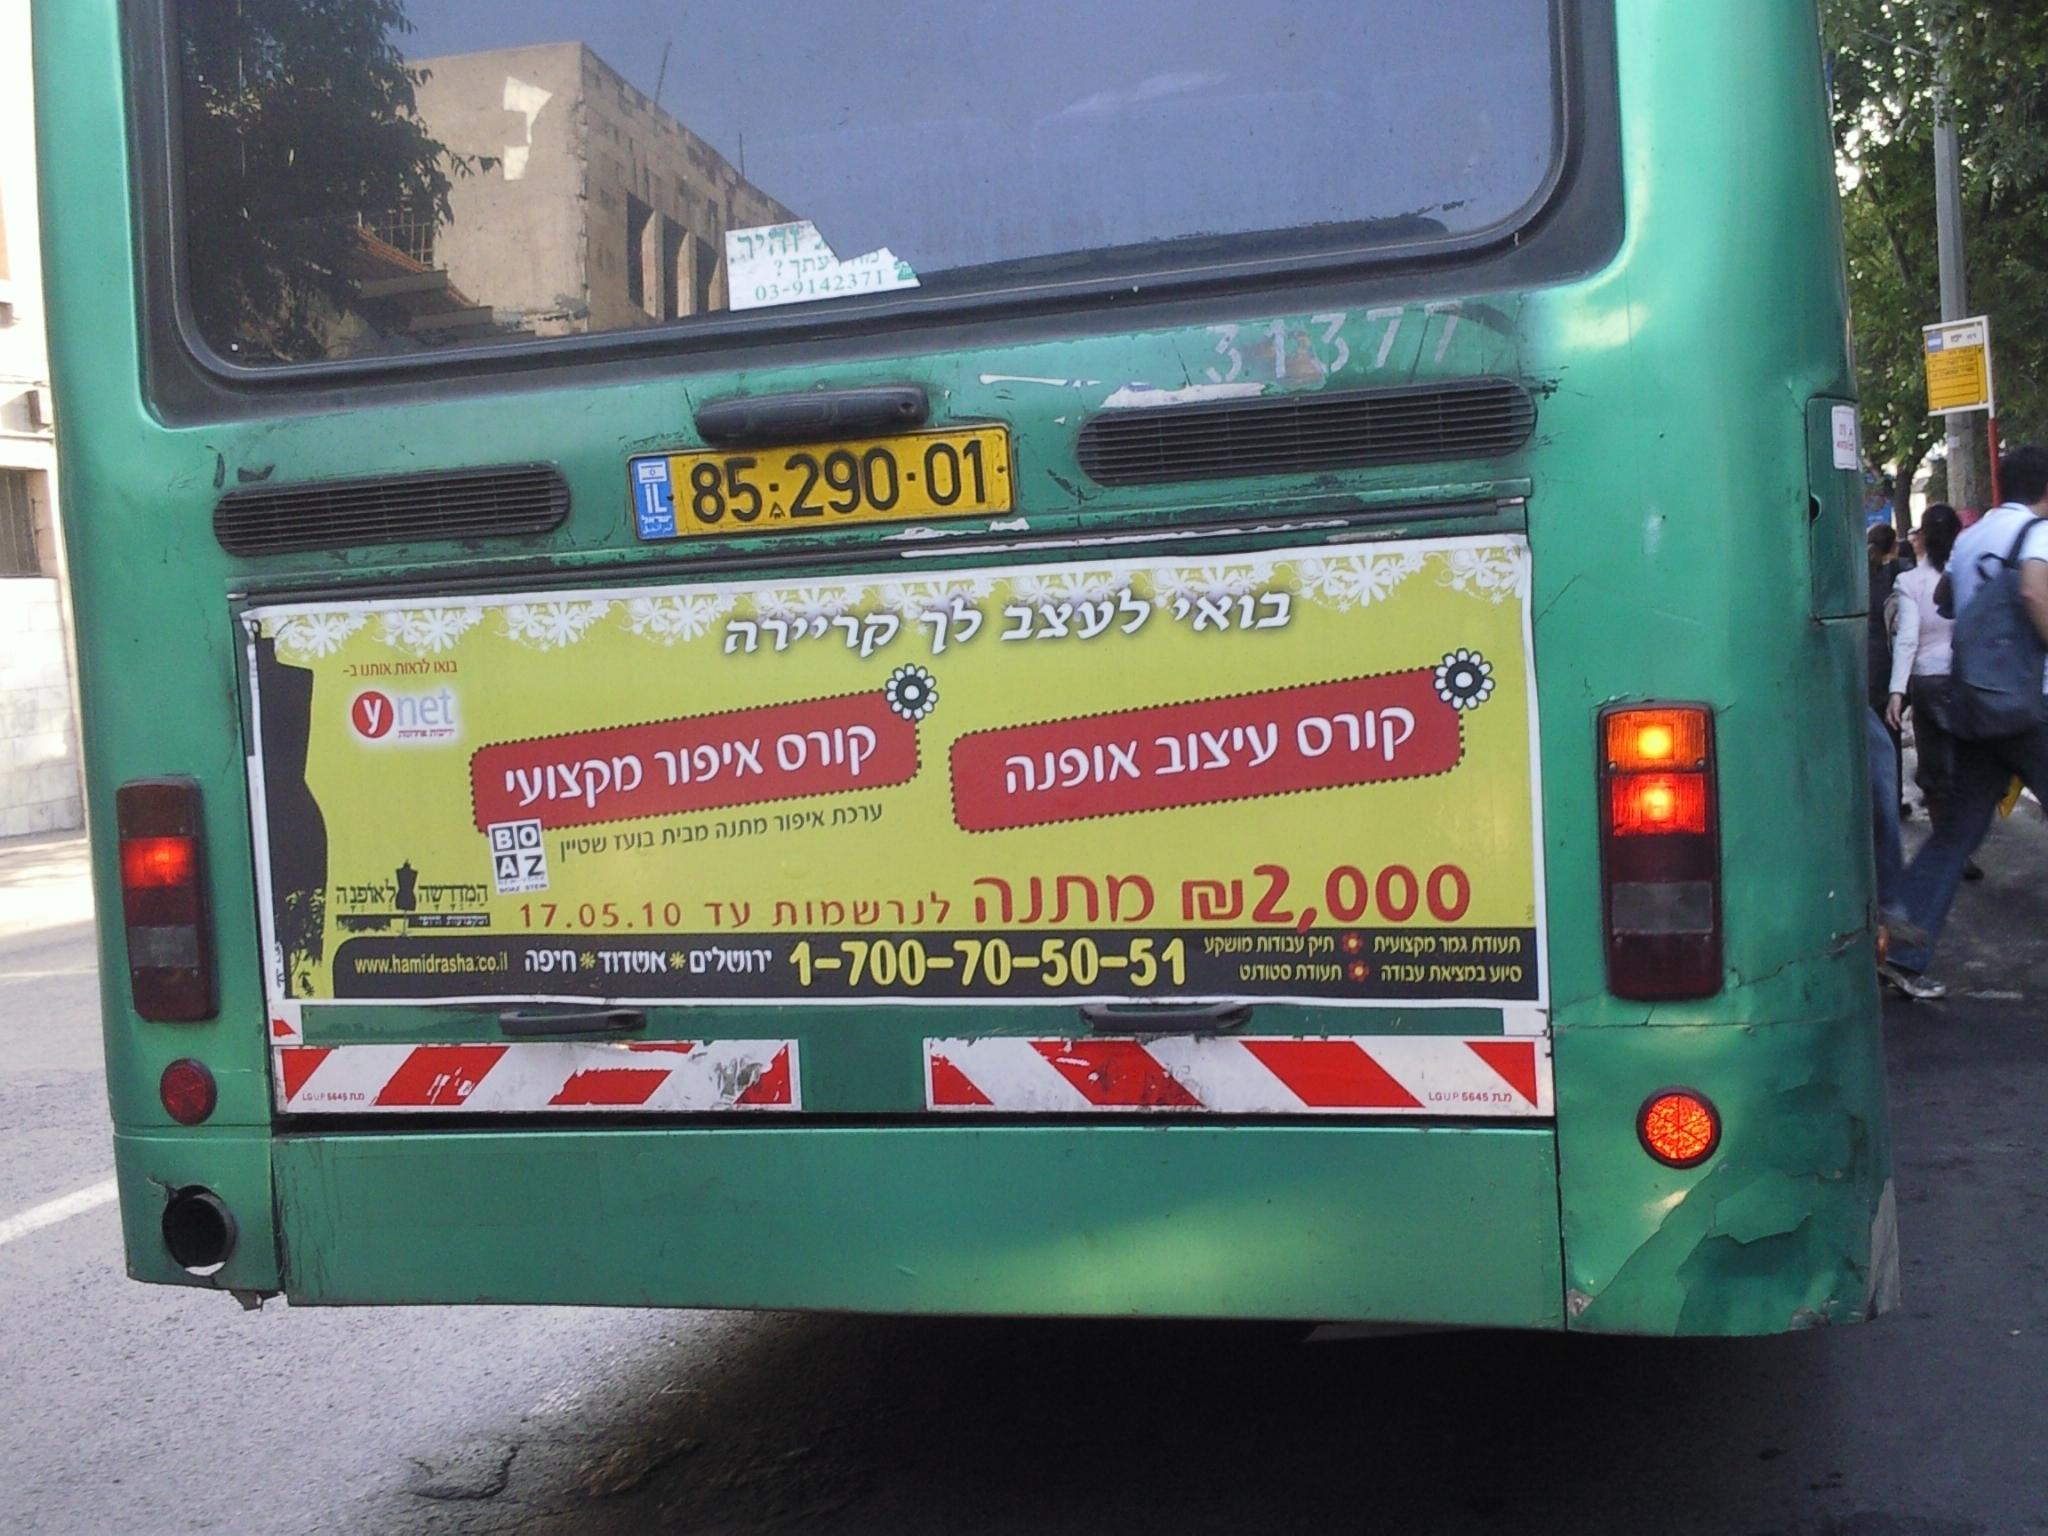 אוטובוס המדרשה לאפנה 2